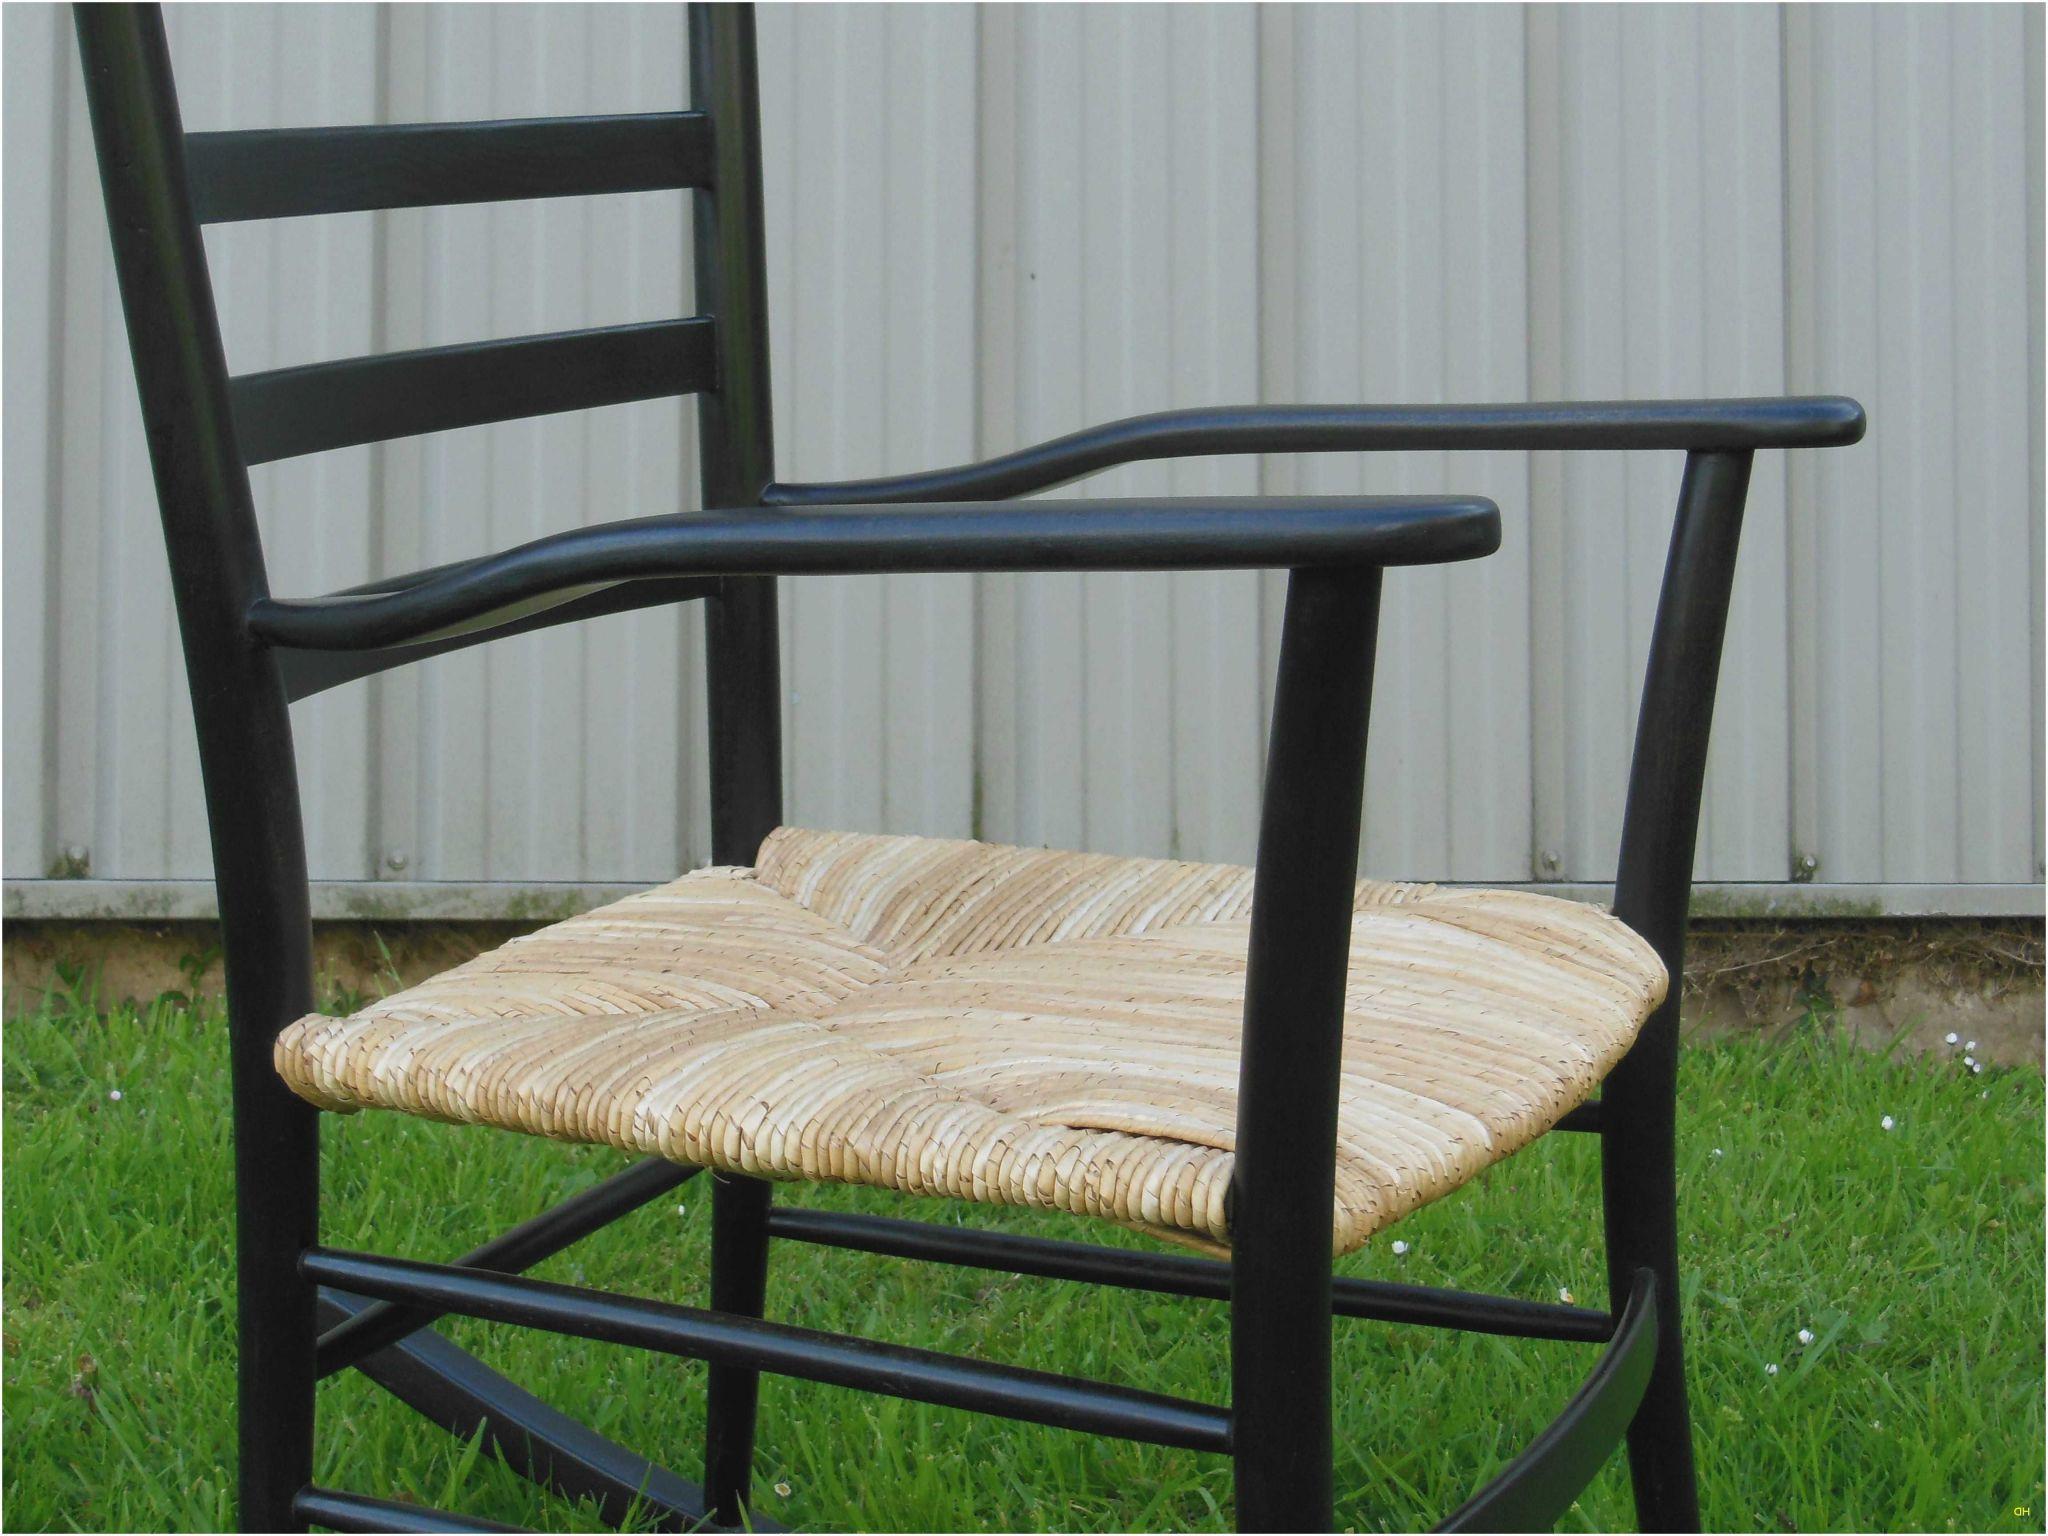 chaises longues castorama chaises longues jardin et 61 impressionnant chaise longue of chaises longues castorama